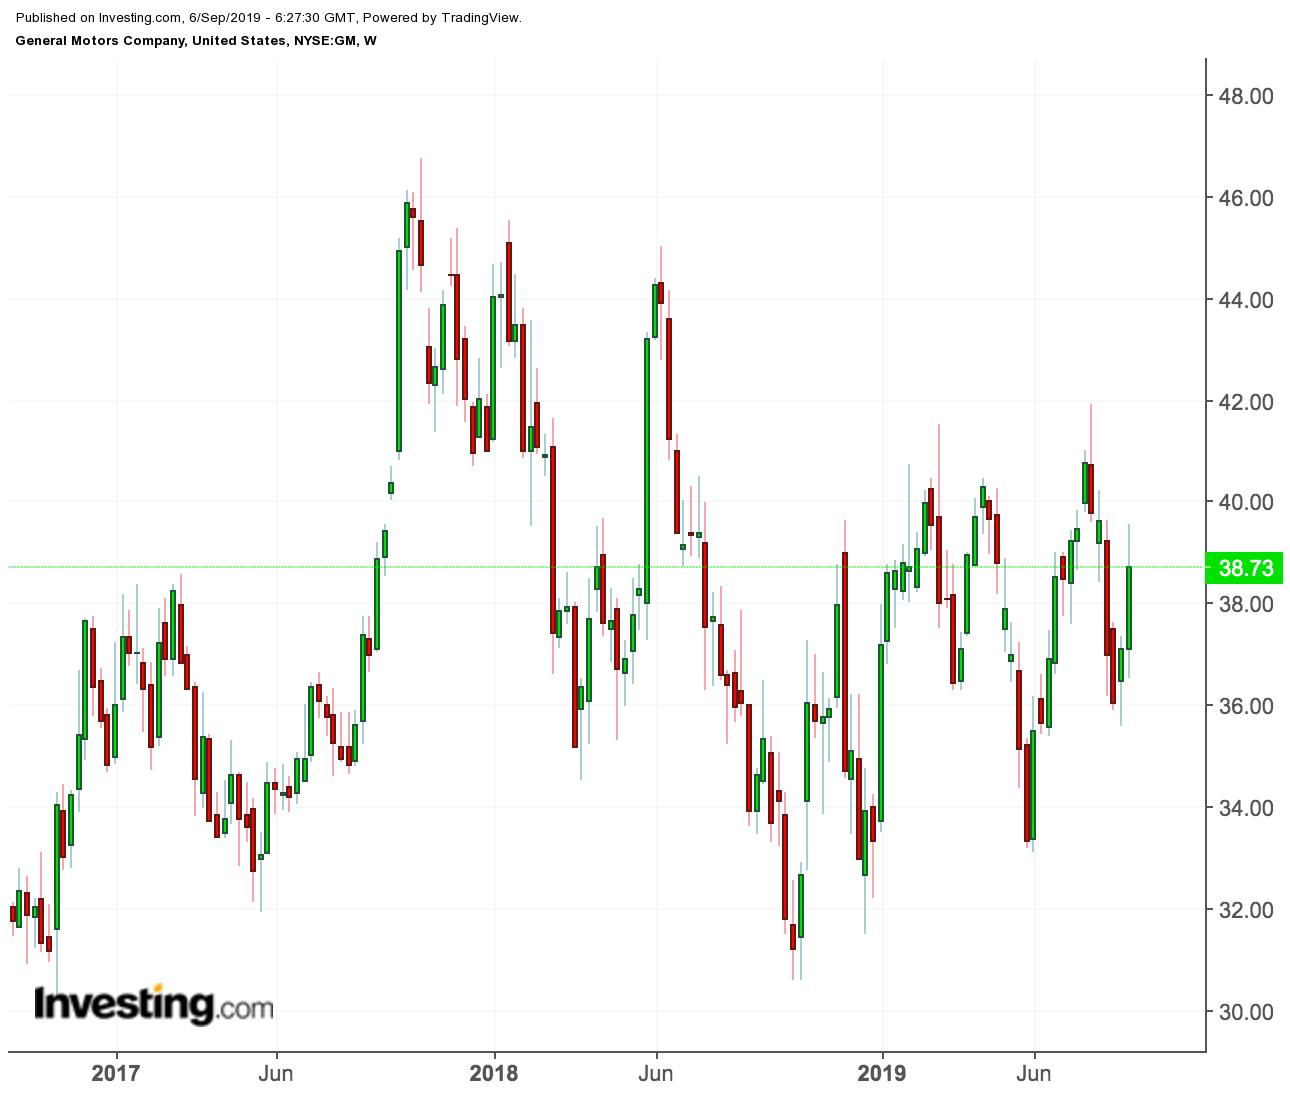 GM price chart